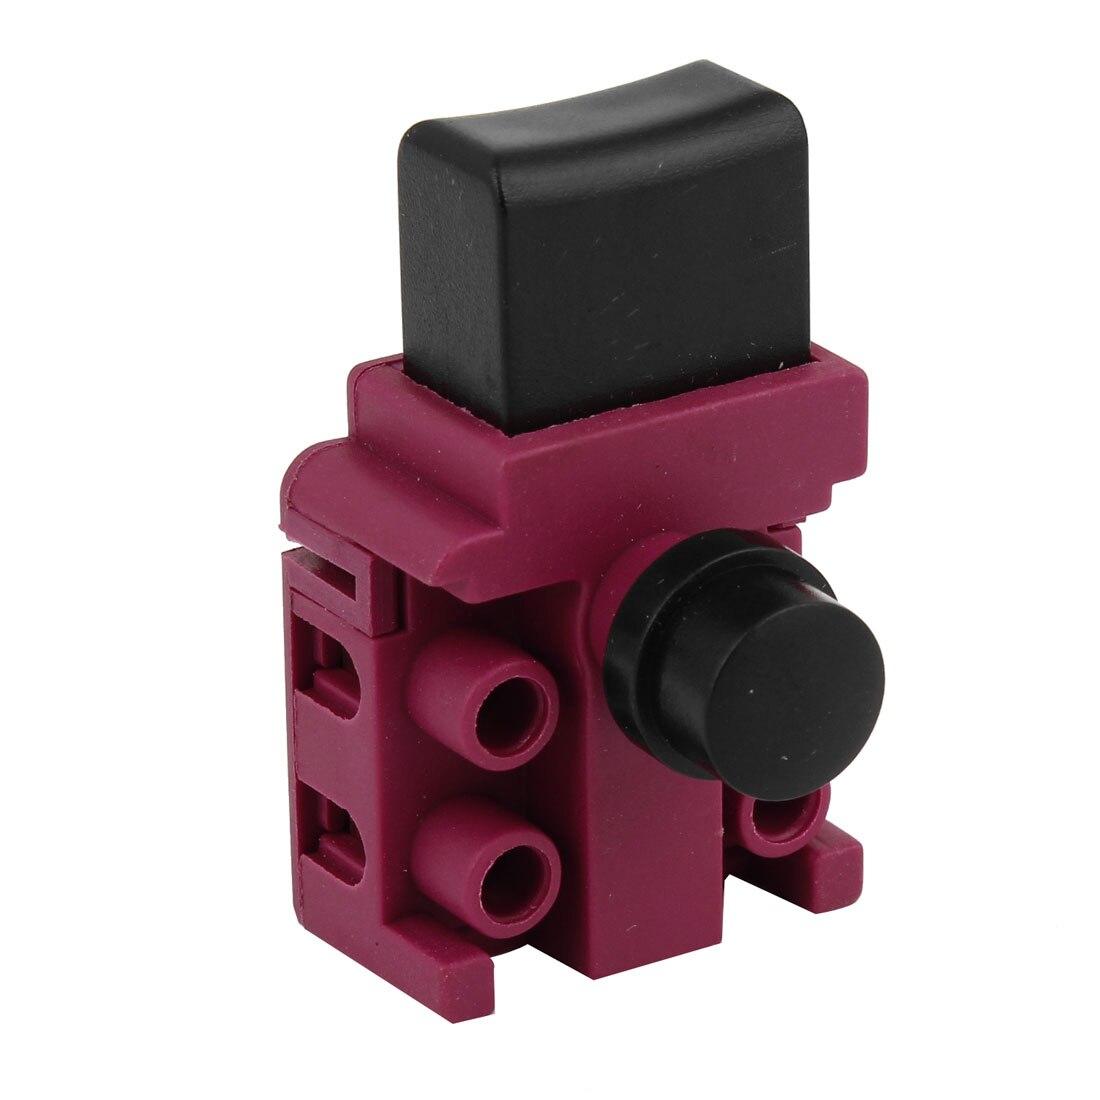 UXCELL AC 250 v 6A 5E4 DPST 2NO Interrupteur à Gâchette Contrôle Pour Makita 5016 Scie à Chaîne Électrique FA2-5/2B pour Power Electric Tool